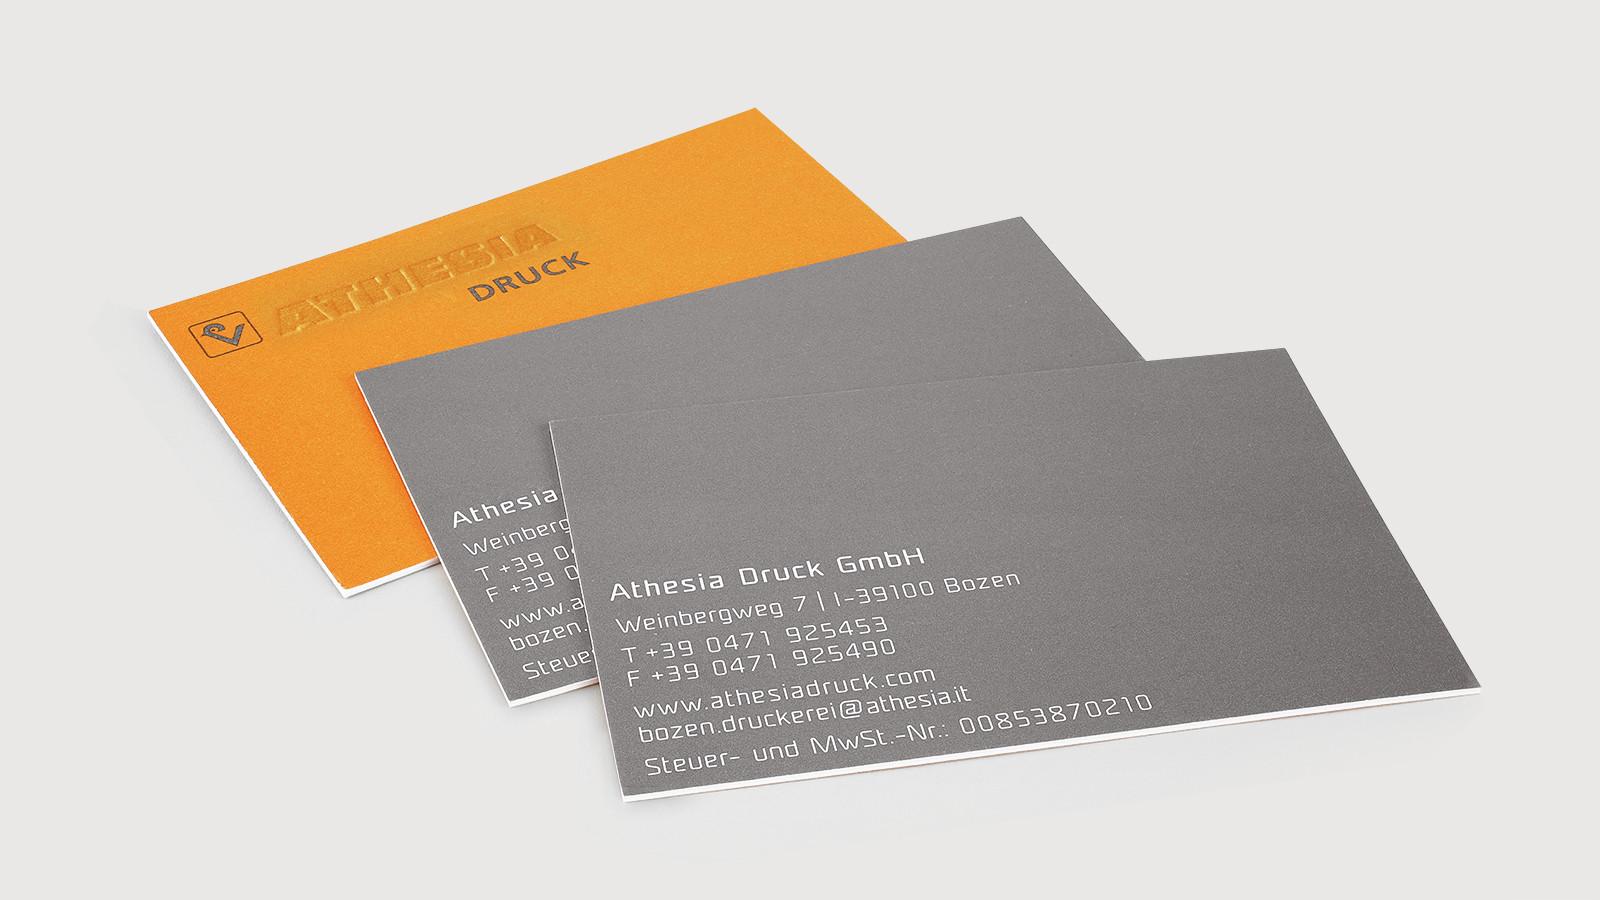 Visitenkarten Athesia Druck Gmbh Druckerei Athesia